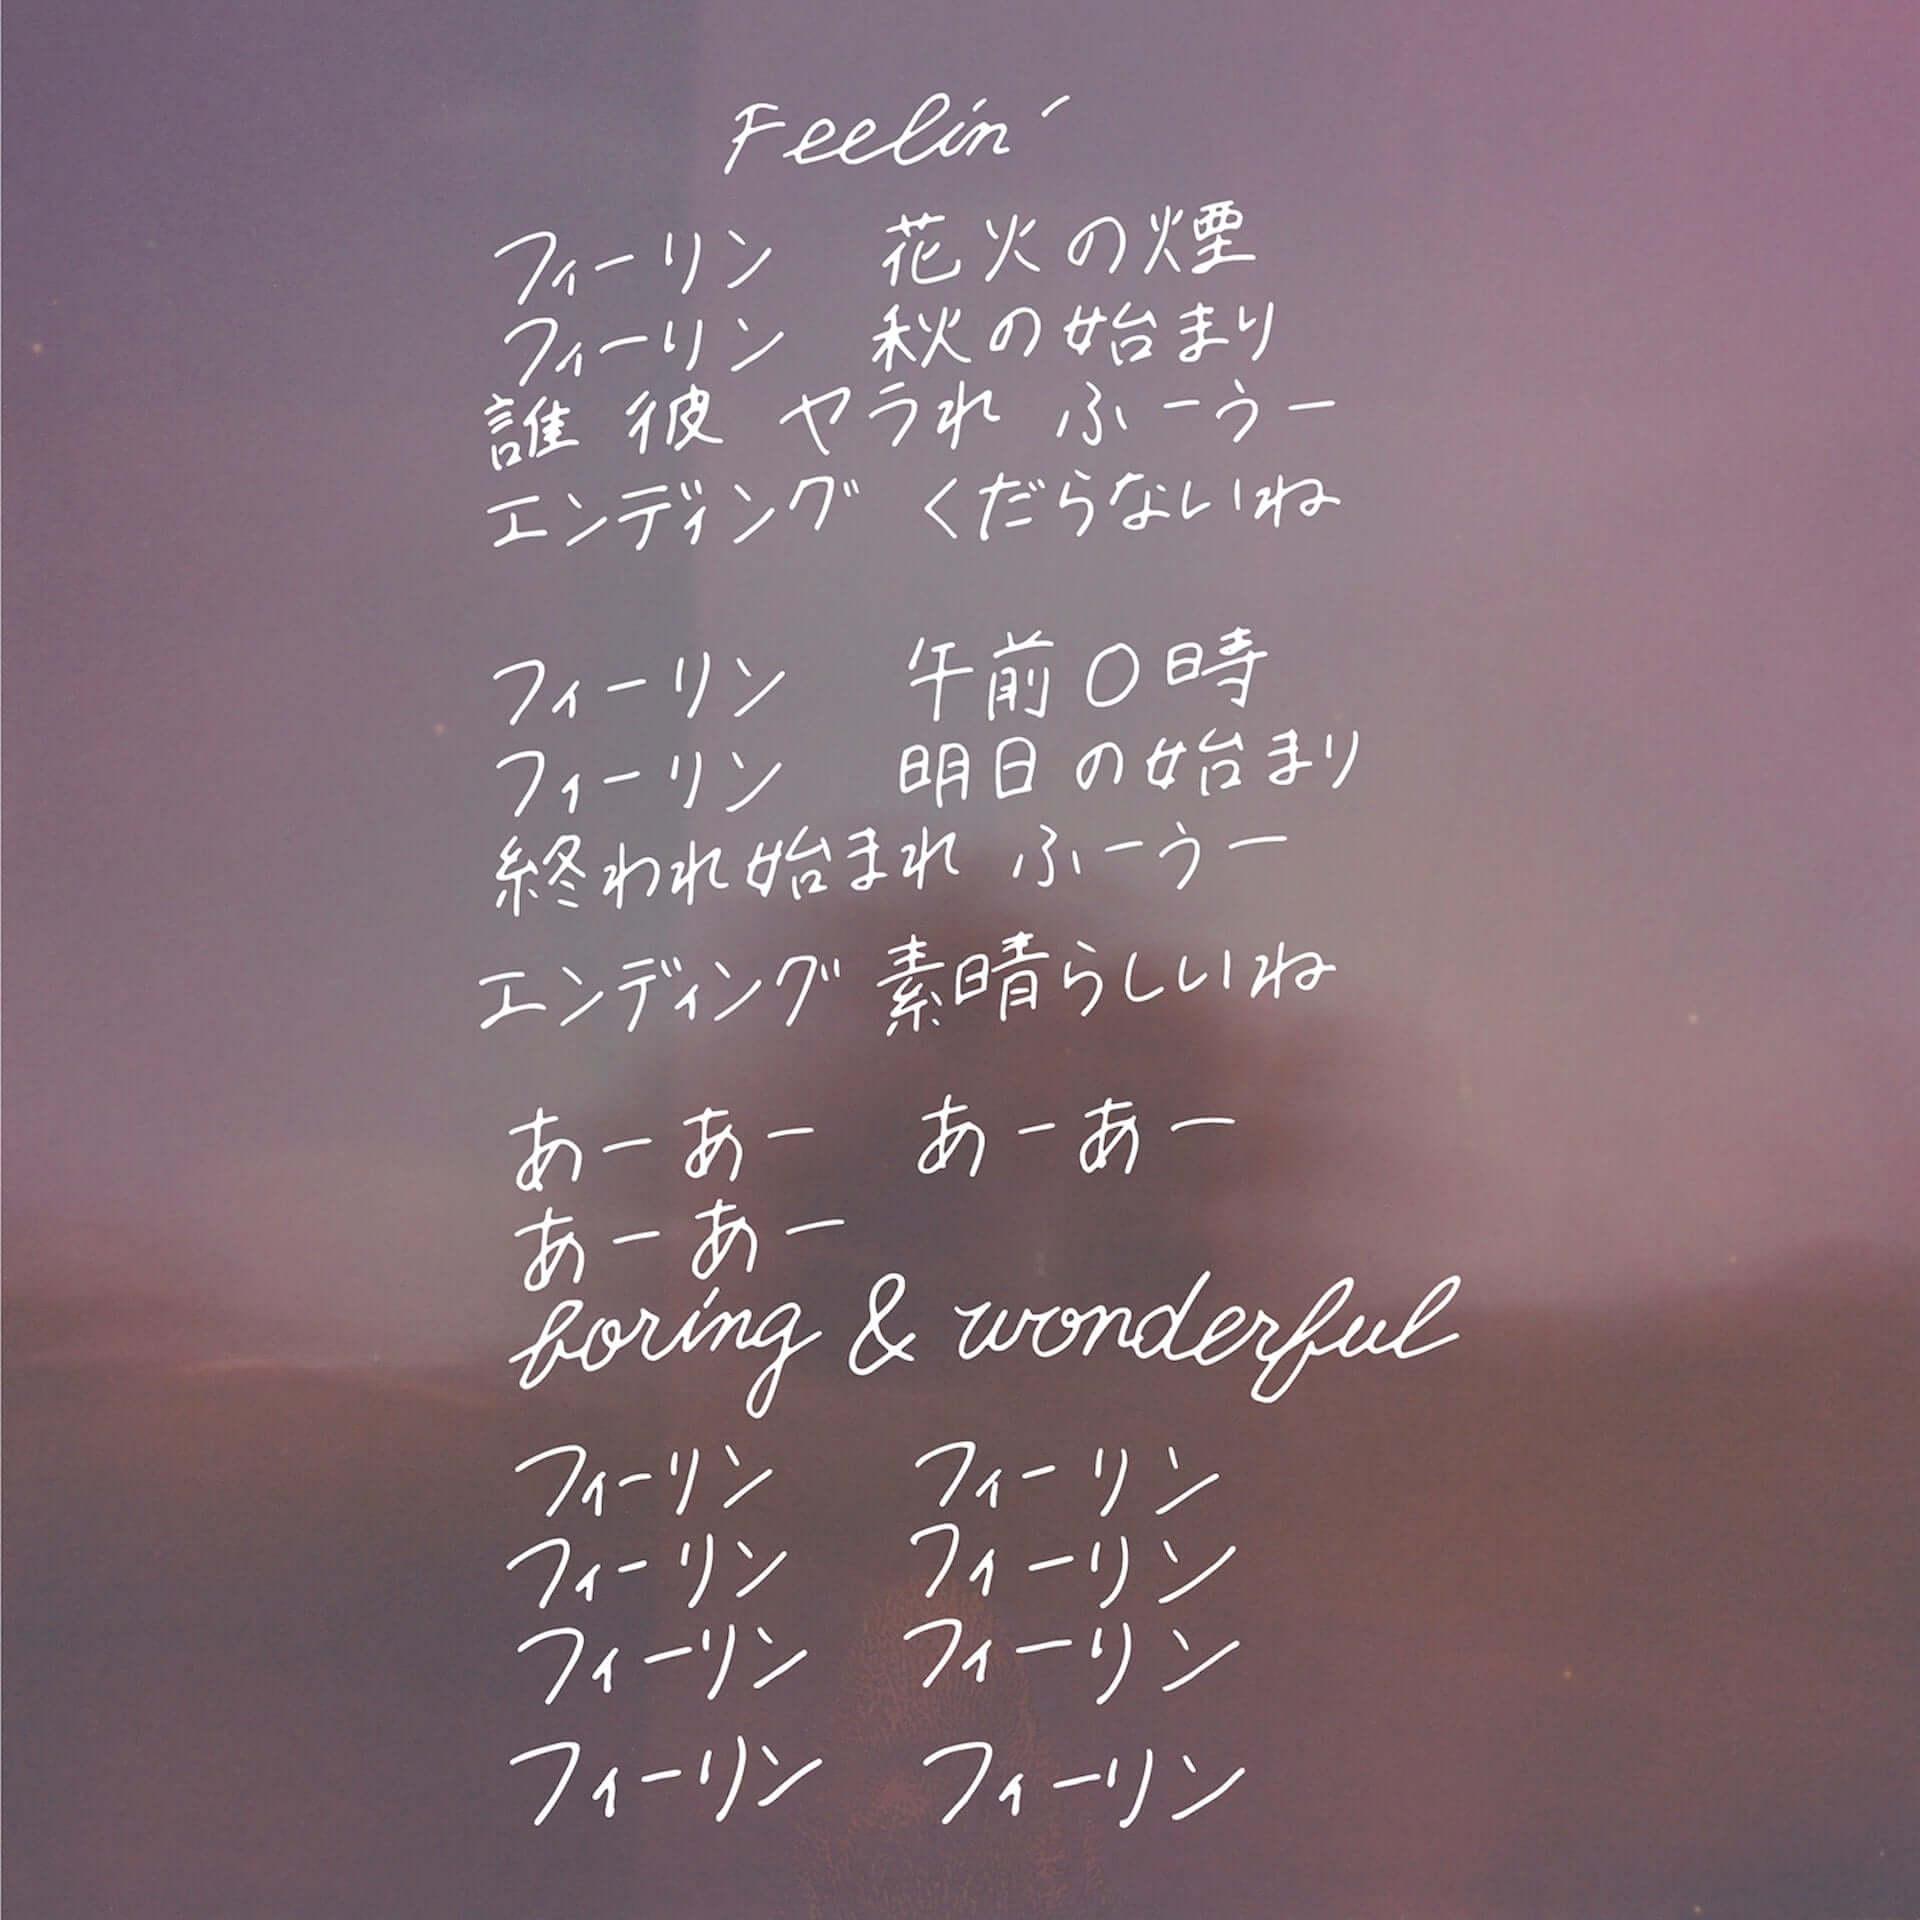 """KONCOSがUS西海岸のSSW達から影響を受けた新曲""""Feelin'""""をリリース!佐藤寛のコメント、歌詞、MVも公開 music201021_koncos_3-1920x1920"""